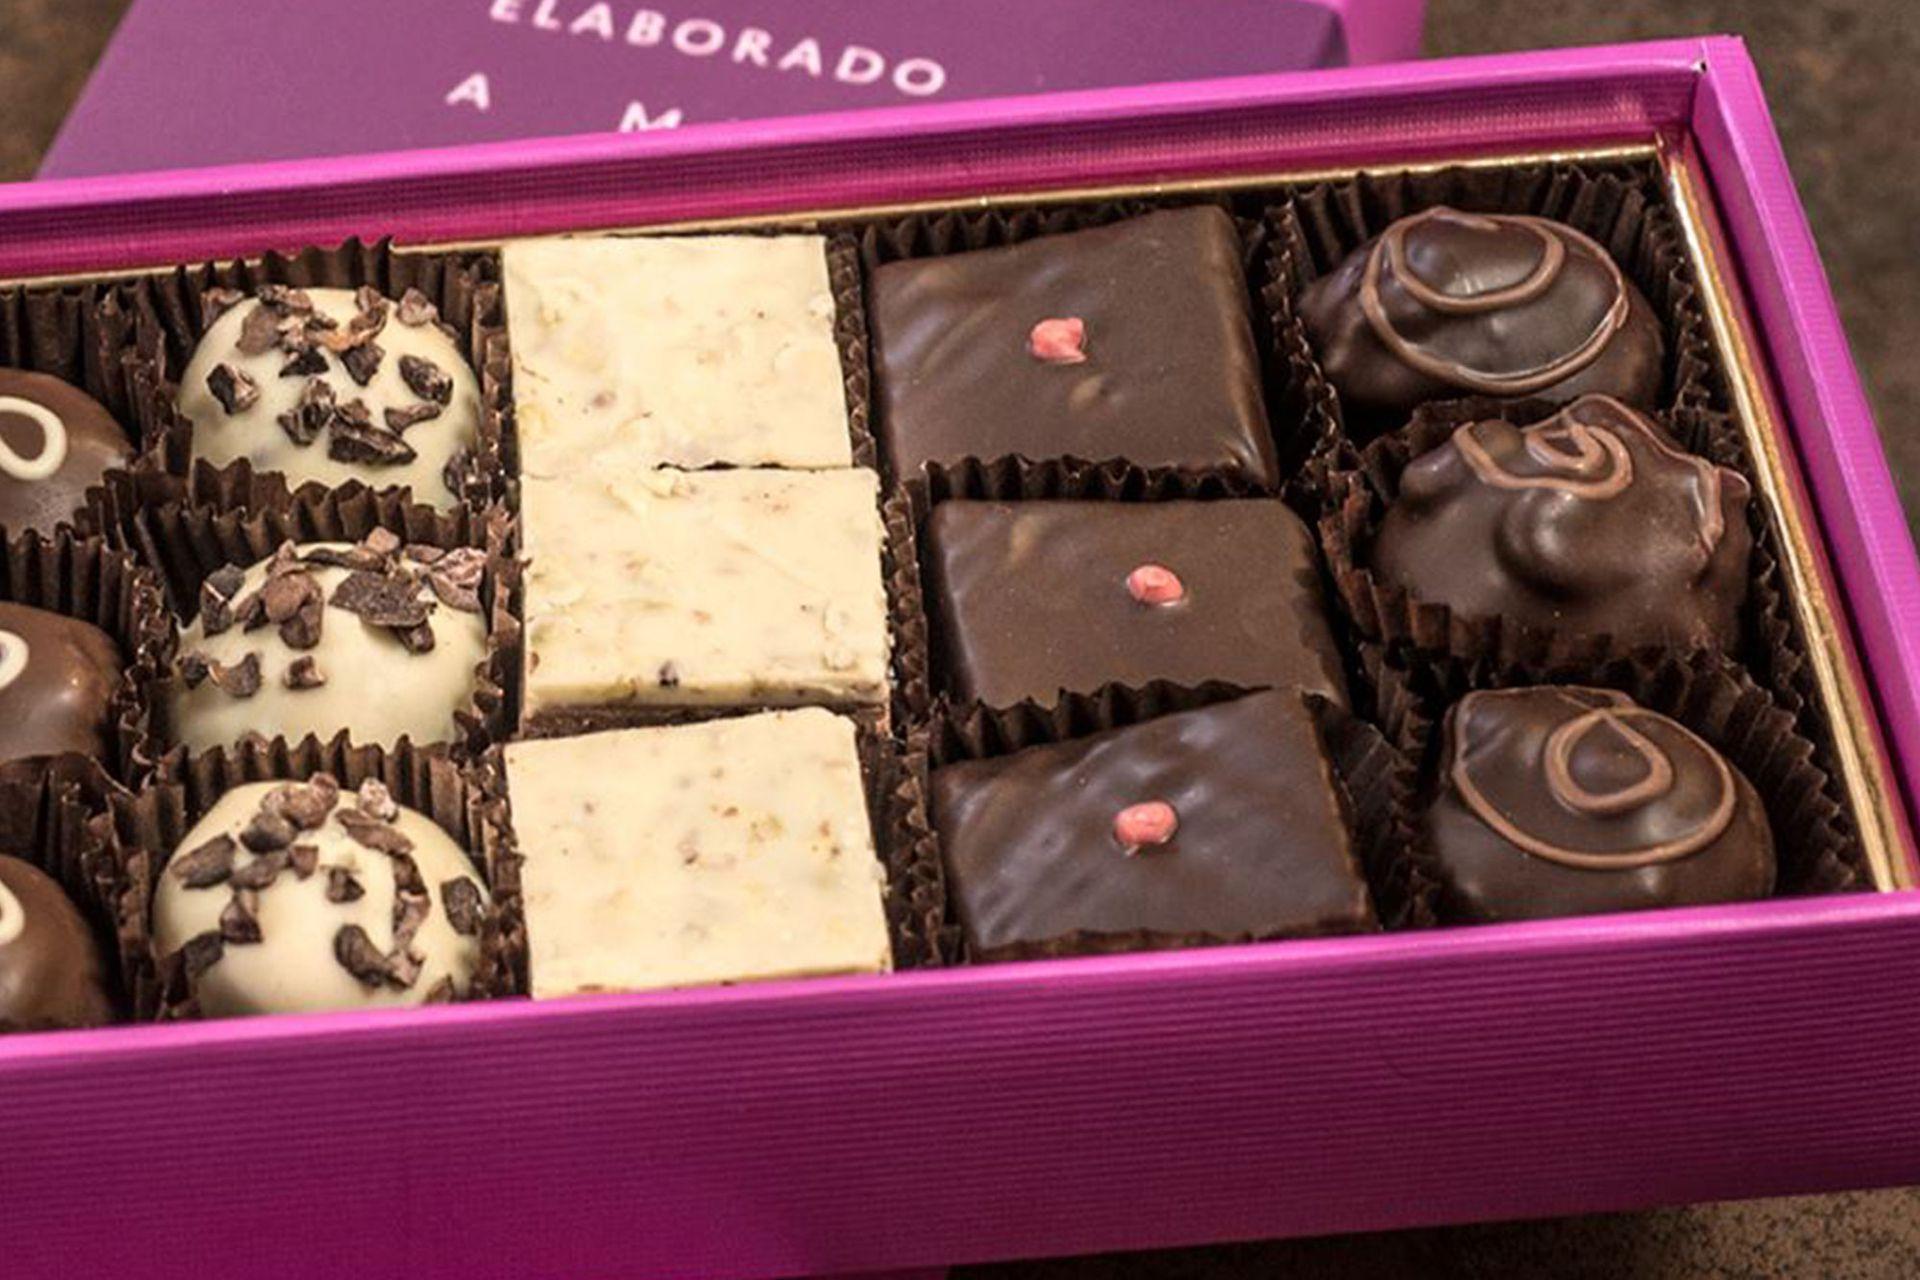 En 1996 empezó a diseñar sus propios chocolates. Diseñó, por ejemplo, una trufa amarga y un crocante de almendras.